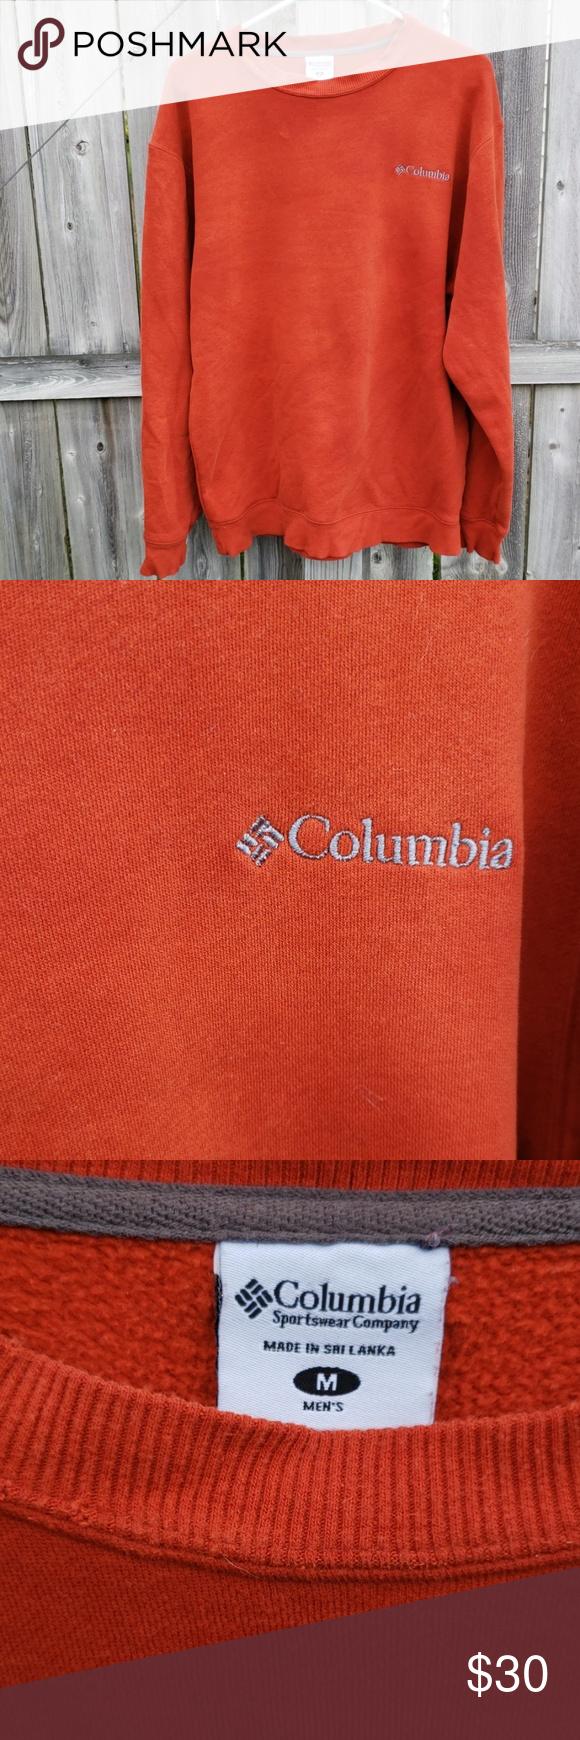 Mens Columbia Sweatshirt In Burnt Orange Columbia Shirt Sweatshirt Shirt Sweatshirts [ 1740 x 580 Pixel ]